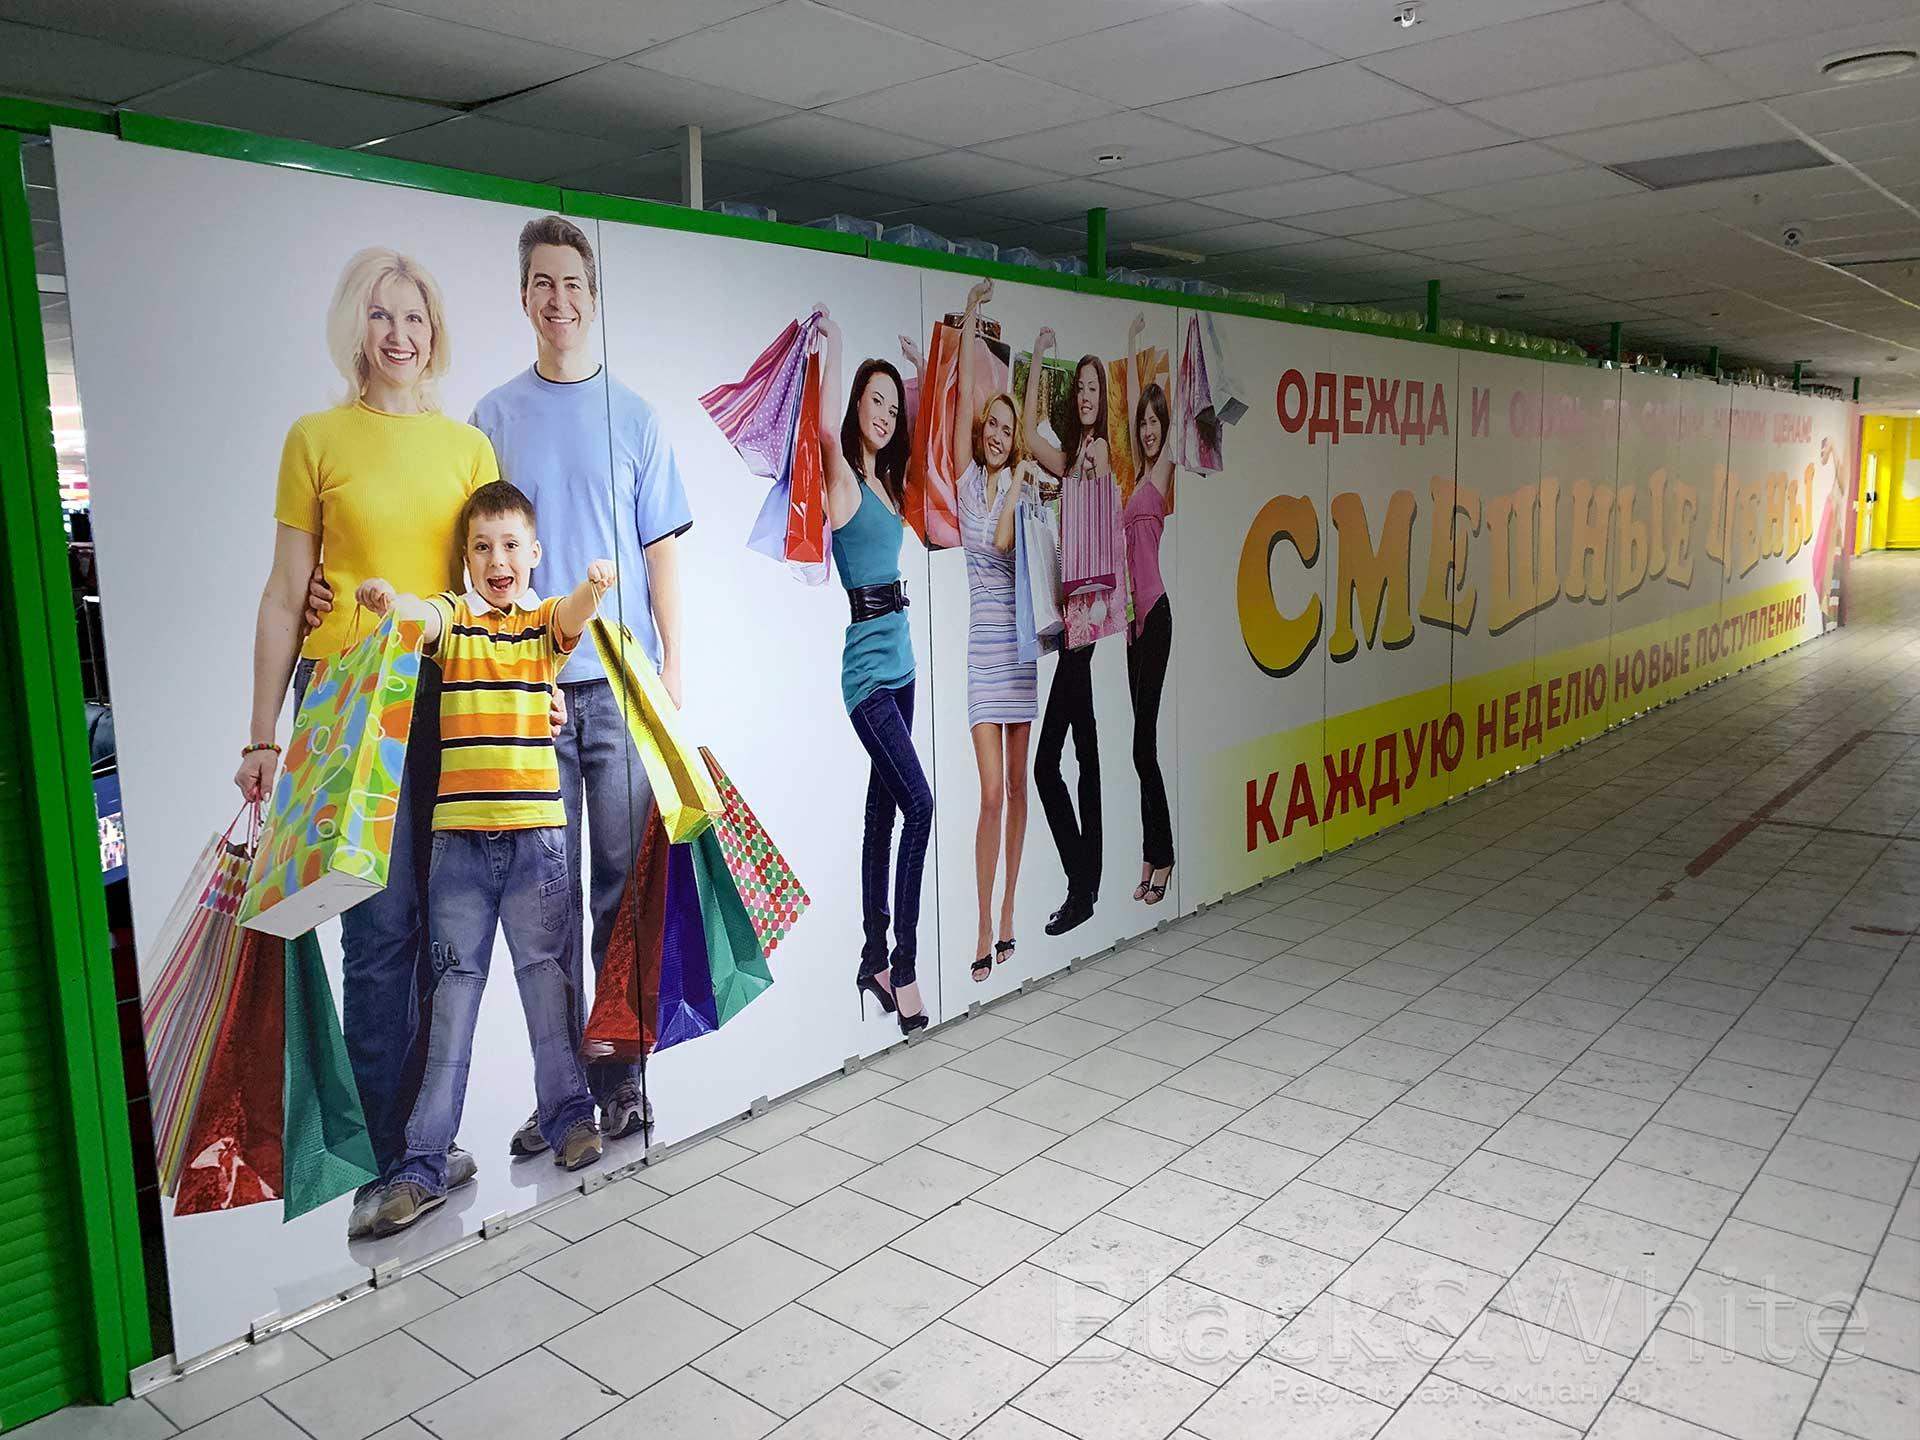 Оклейка-плёнкой-витрин-плёнка-с-ресламой-на-стекле-изготовление-в-Красноярске-.jpg